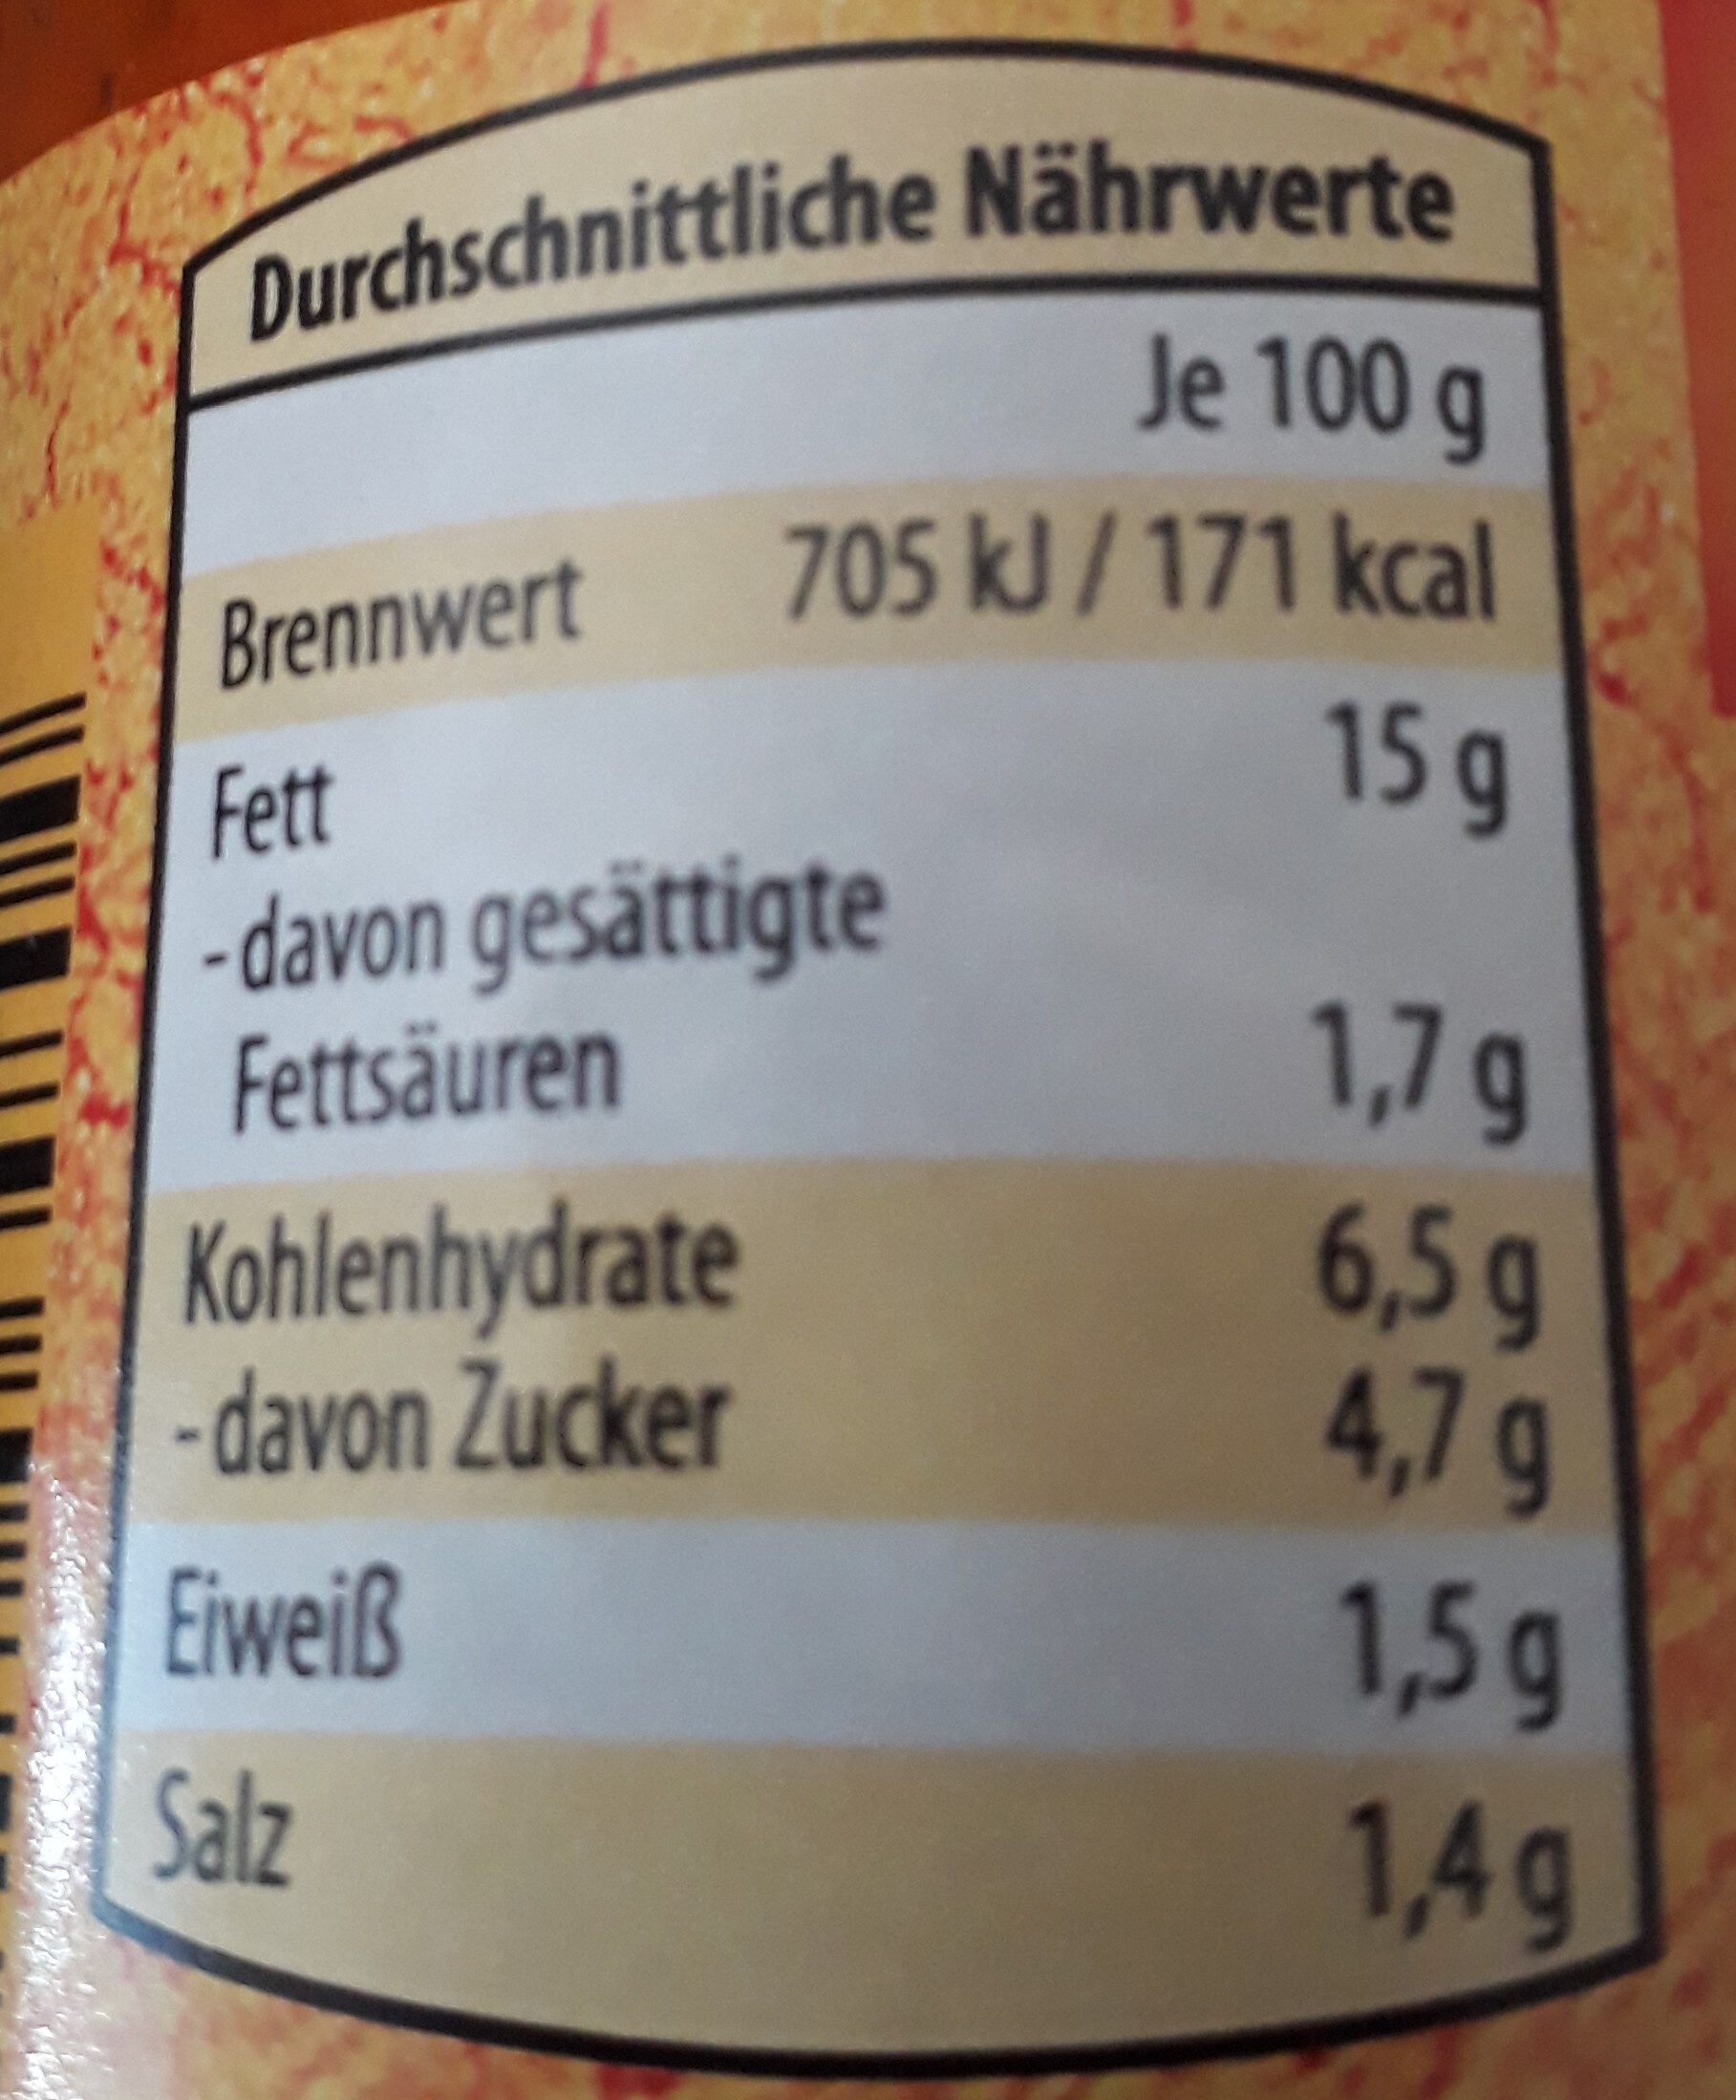 Gemüseaufstrich aus gerösteter Paprika - Nutrition facts - de